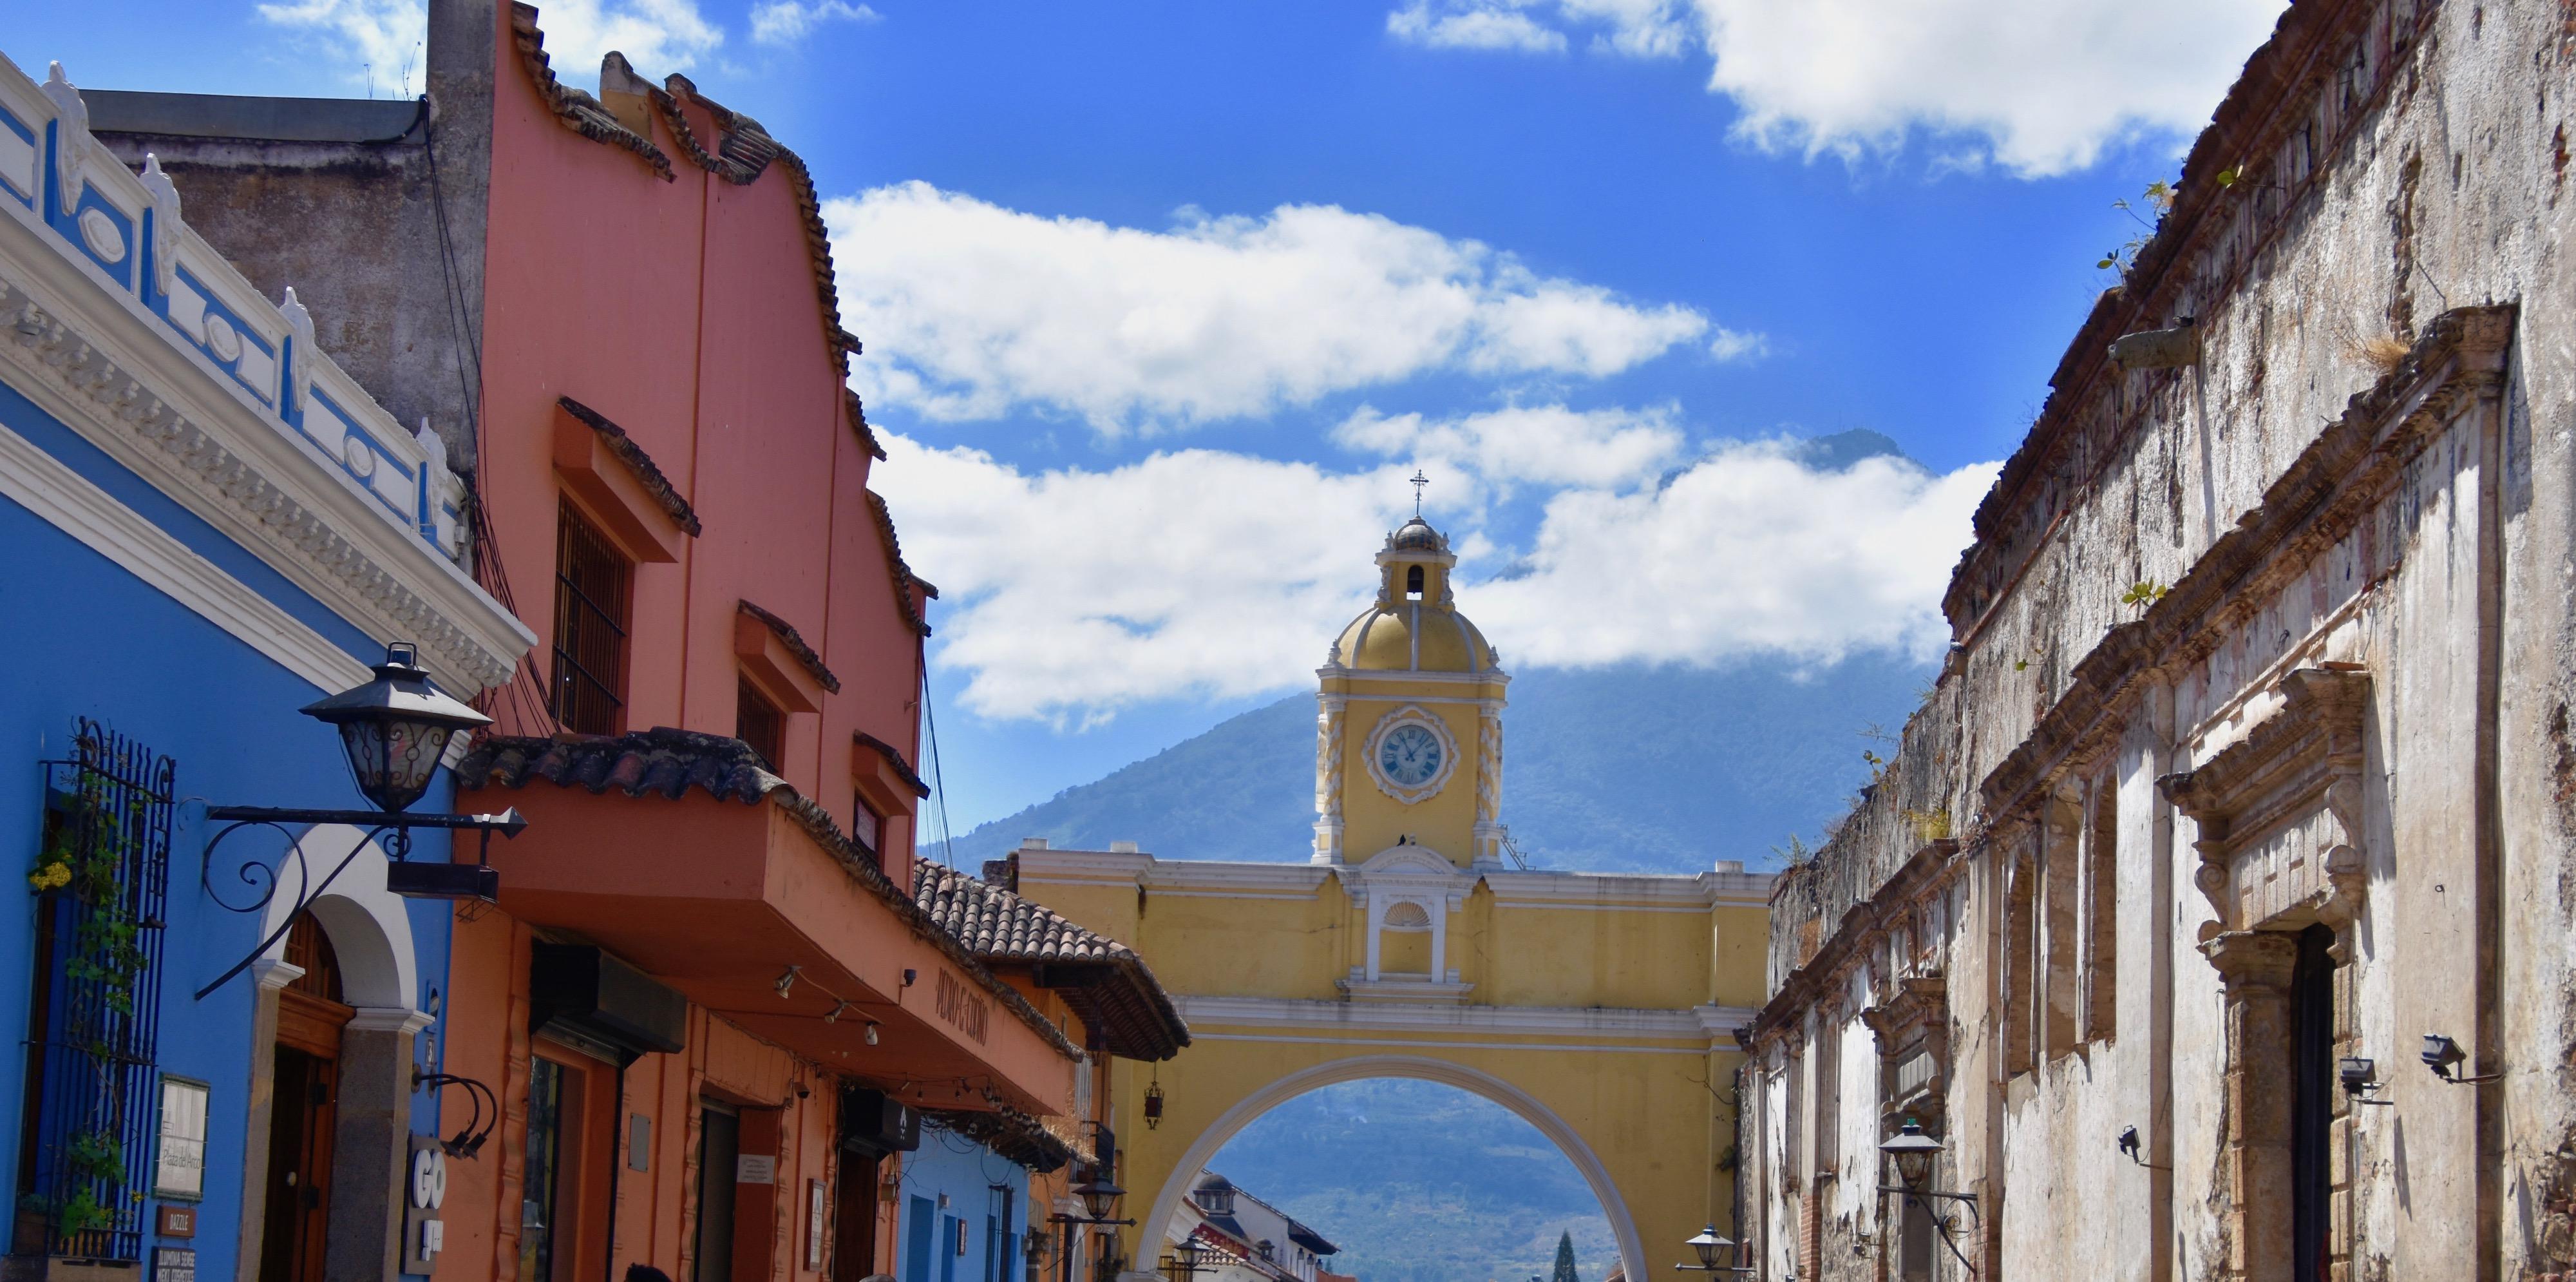 Santa Catalina Archway, Antigua, Guatemala